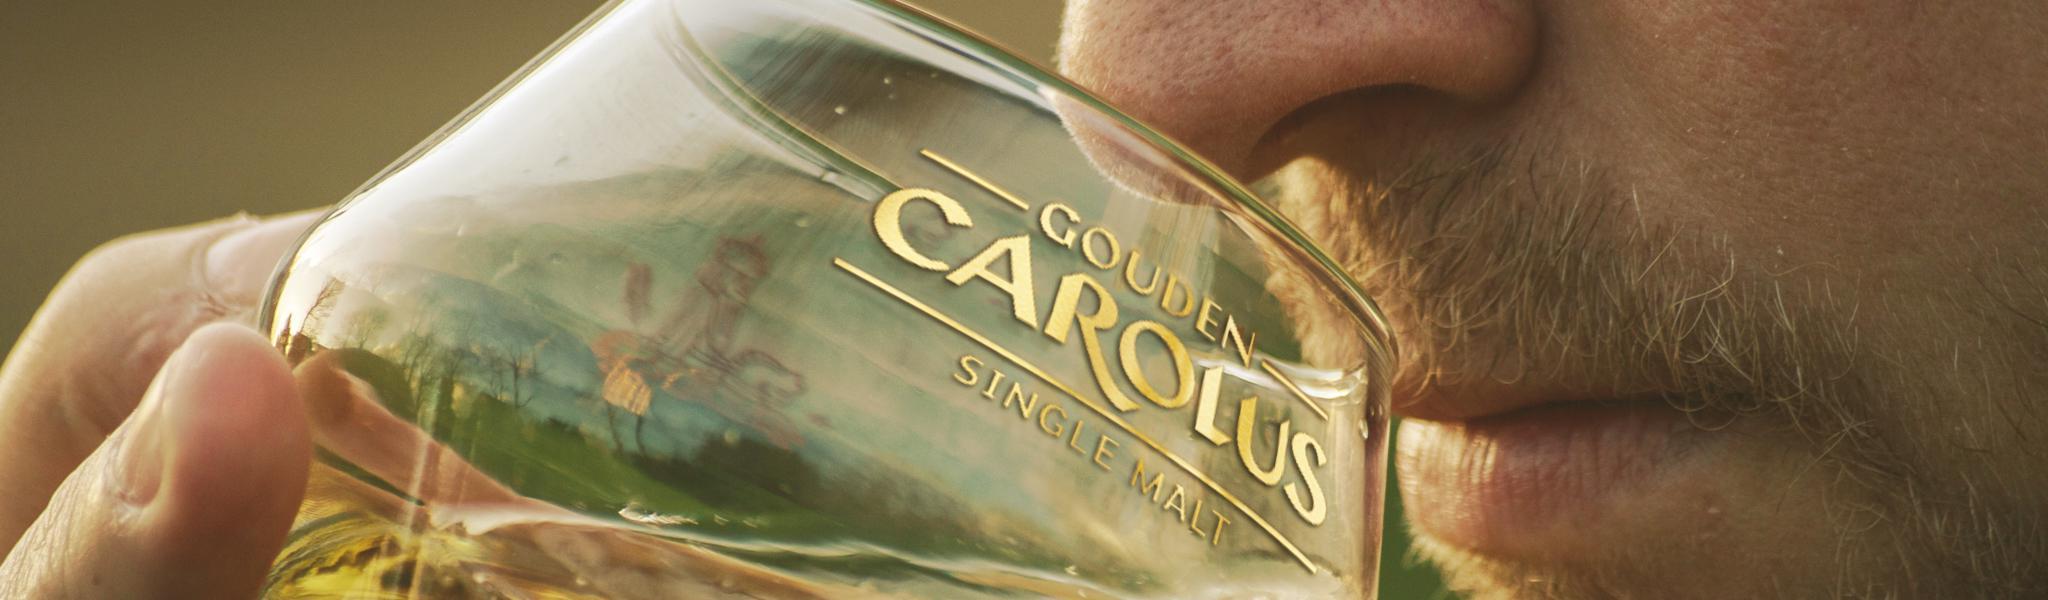 Gouden Carolus Single Malt Proeverij